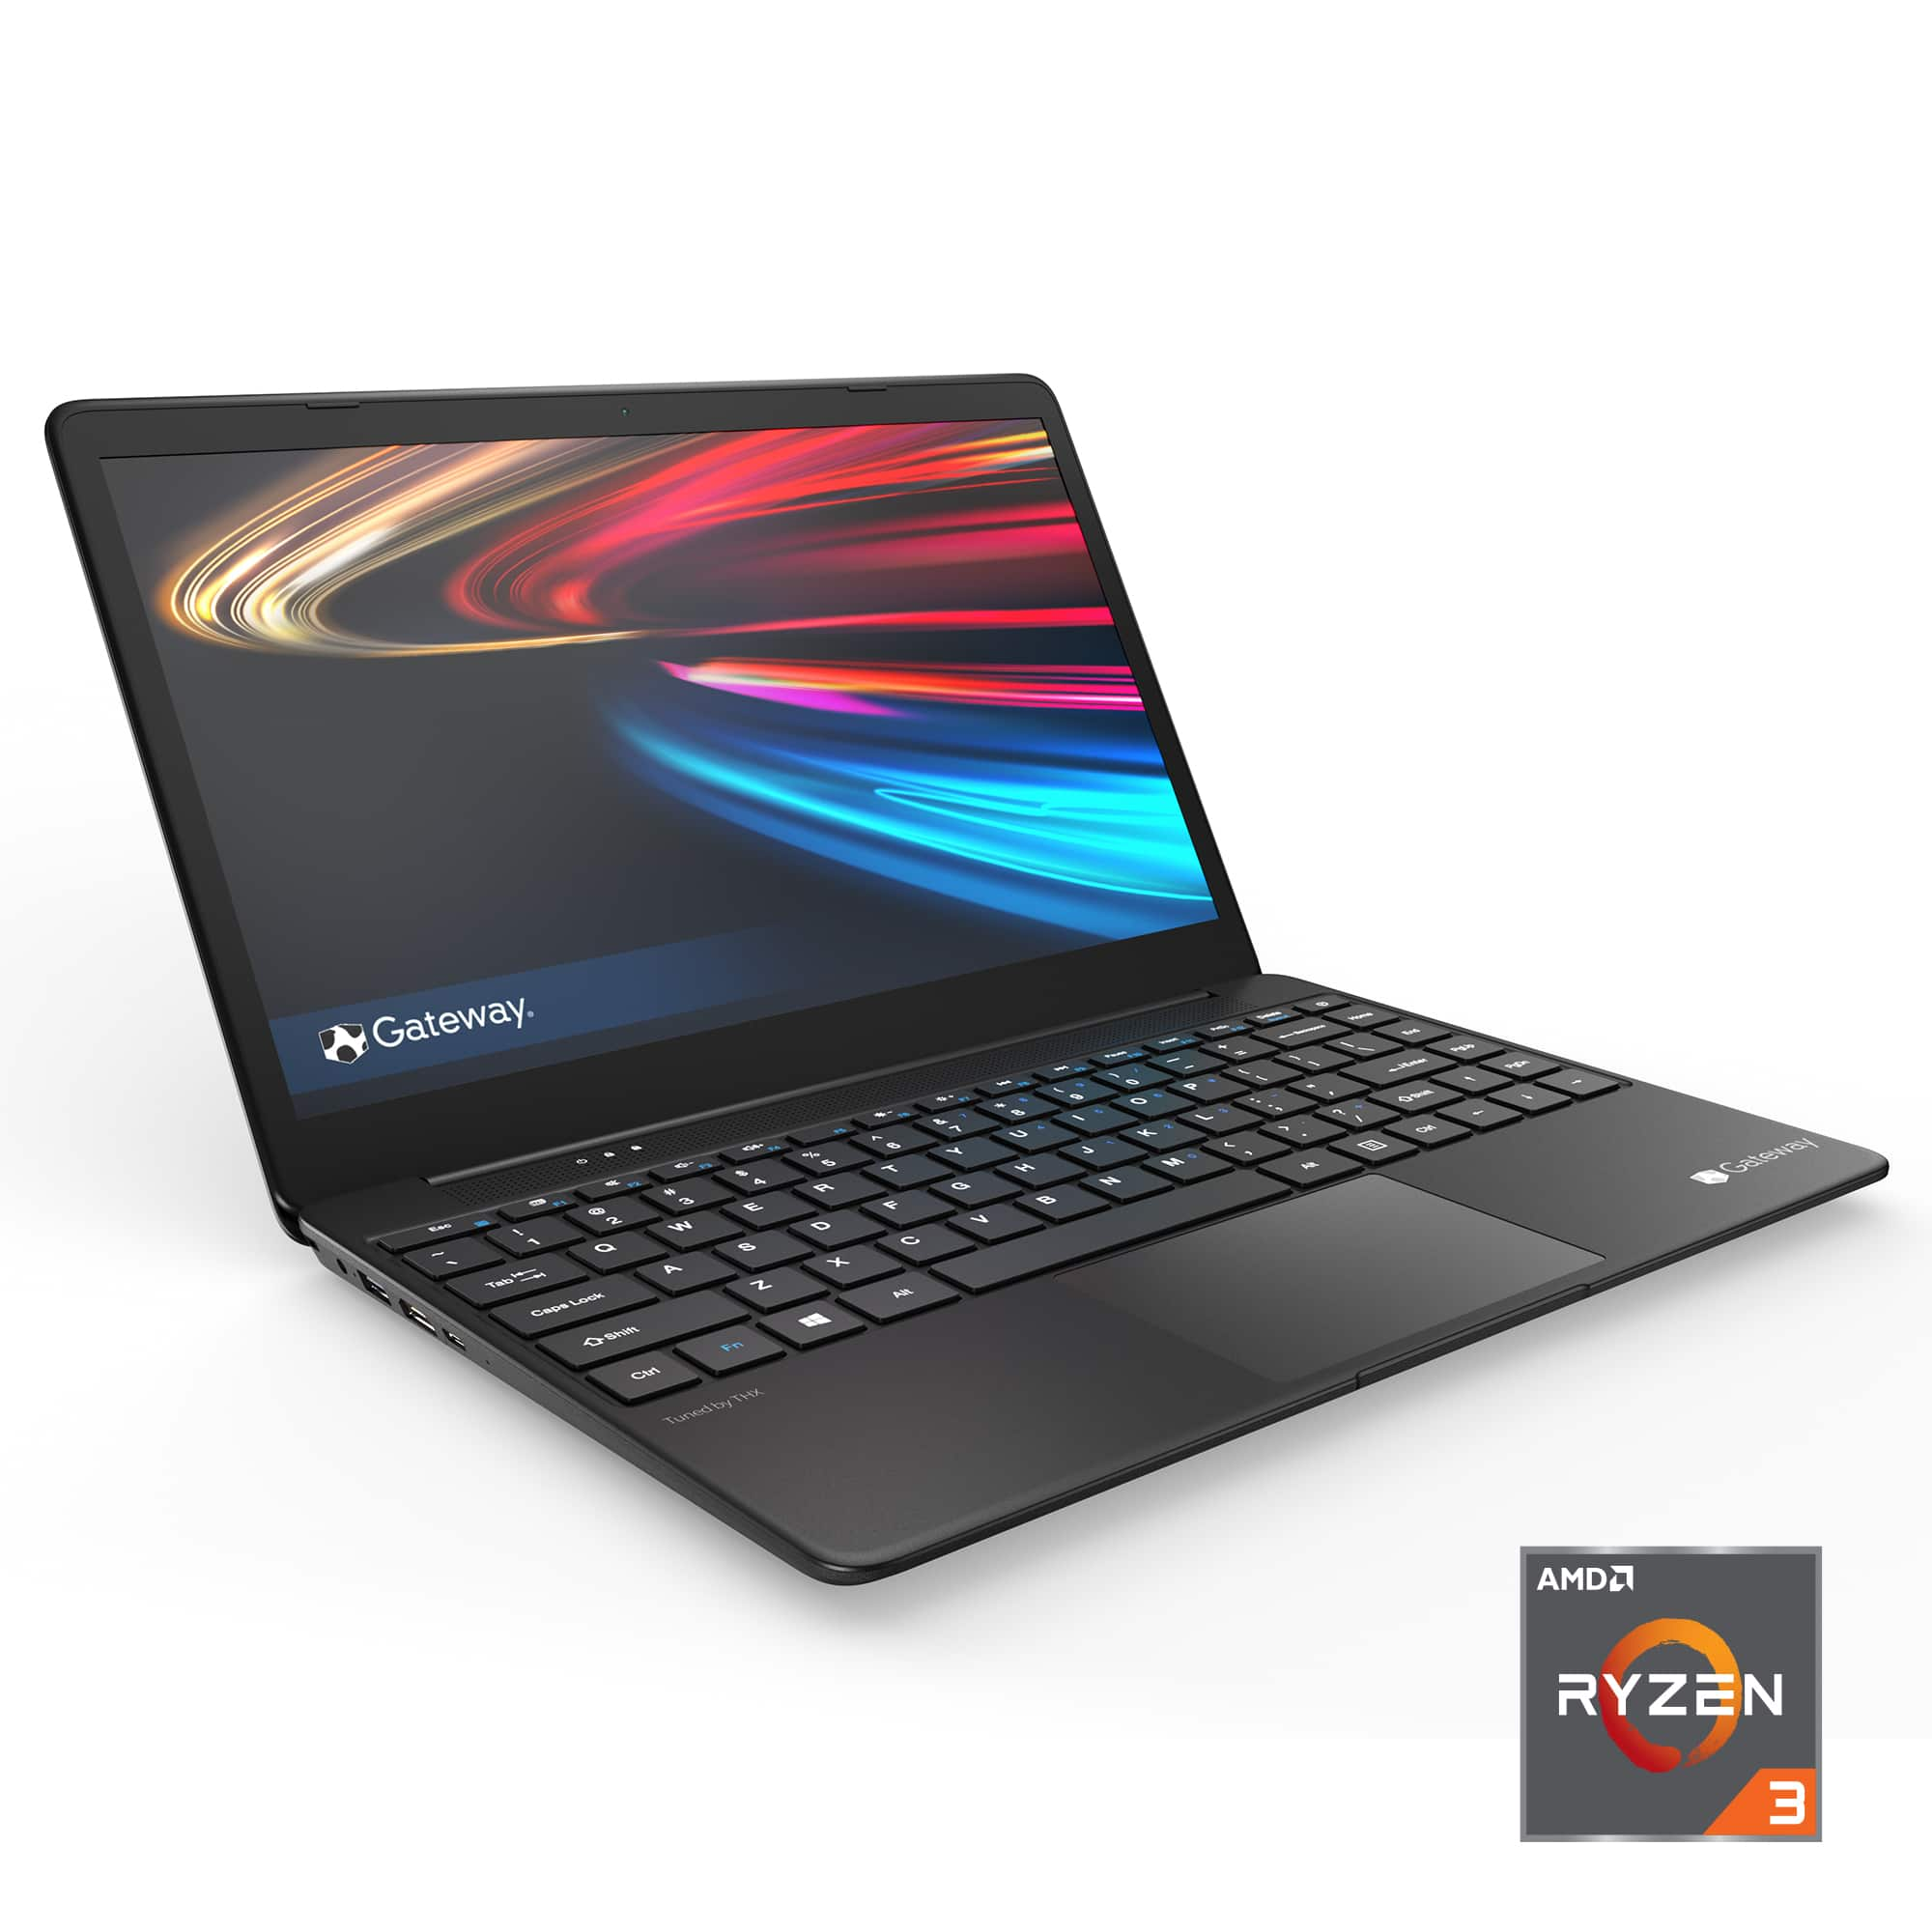 """Gateway 14.1"""" FHD Ultra Slim Notebook, AMD Ryzen 3 3200U, 4GB RAM, 128GB SSD $349.99"""